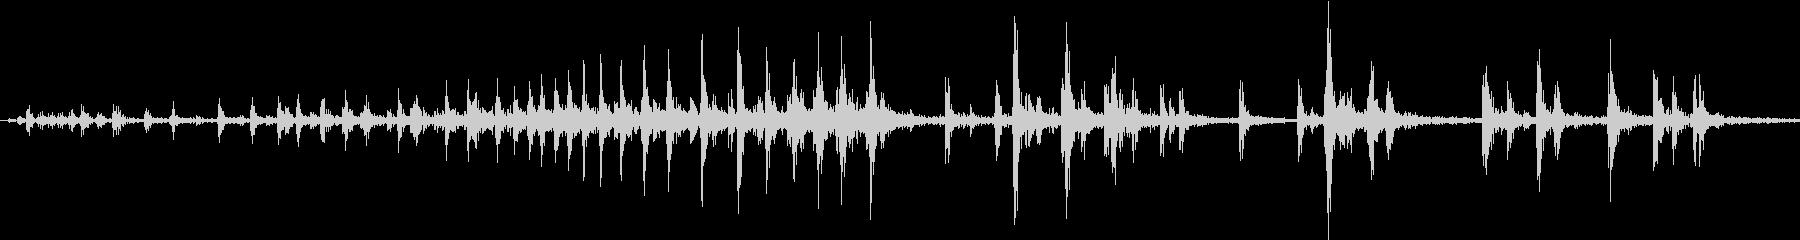 【生録音】握る音 グリップ 2の未再生の波形